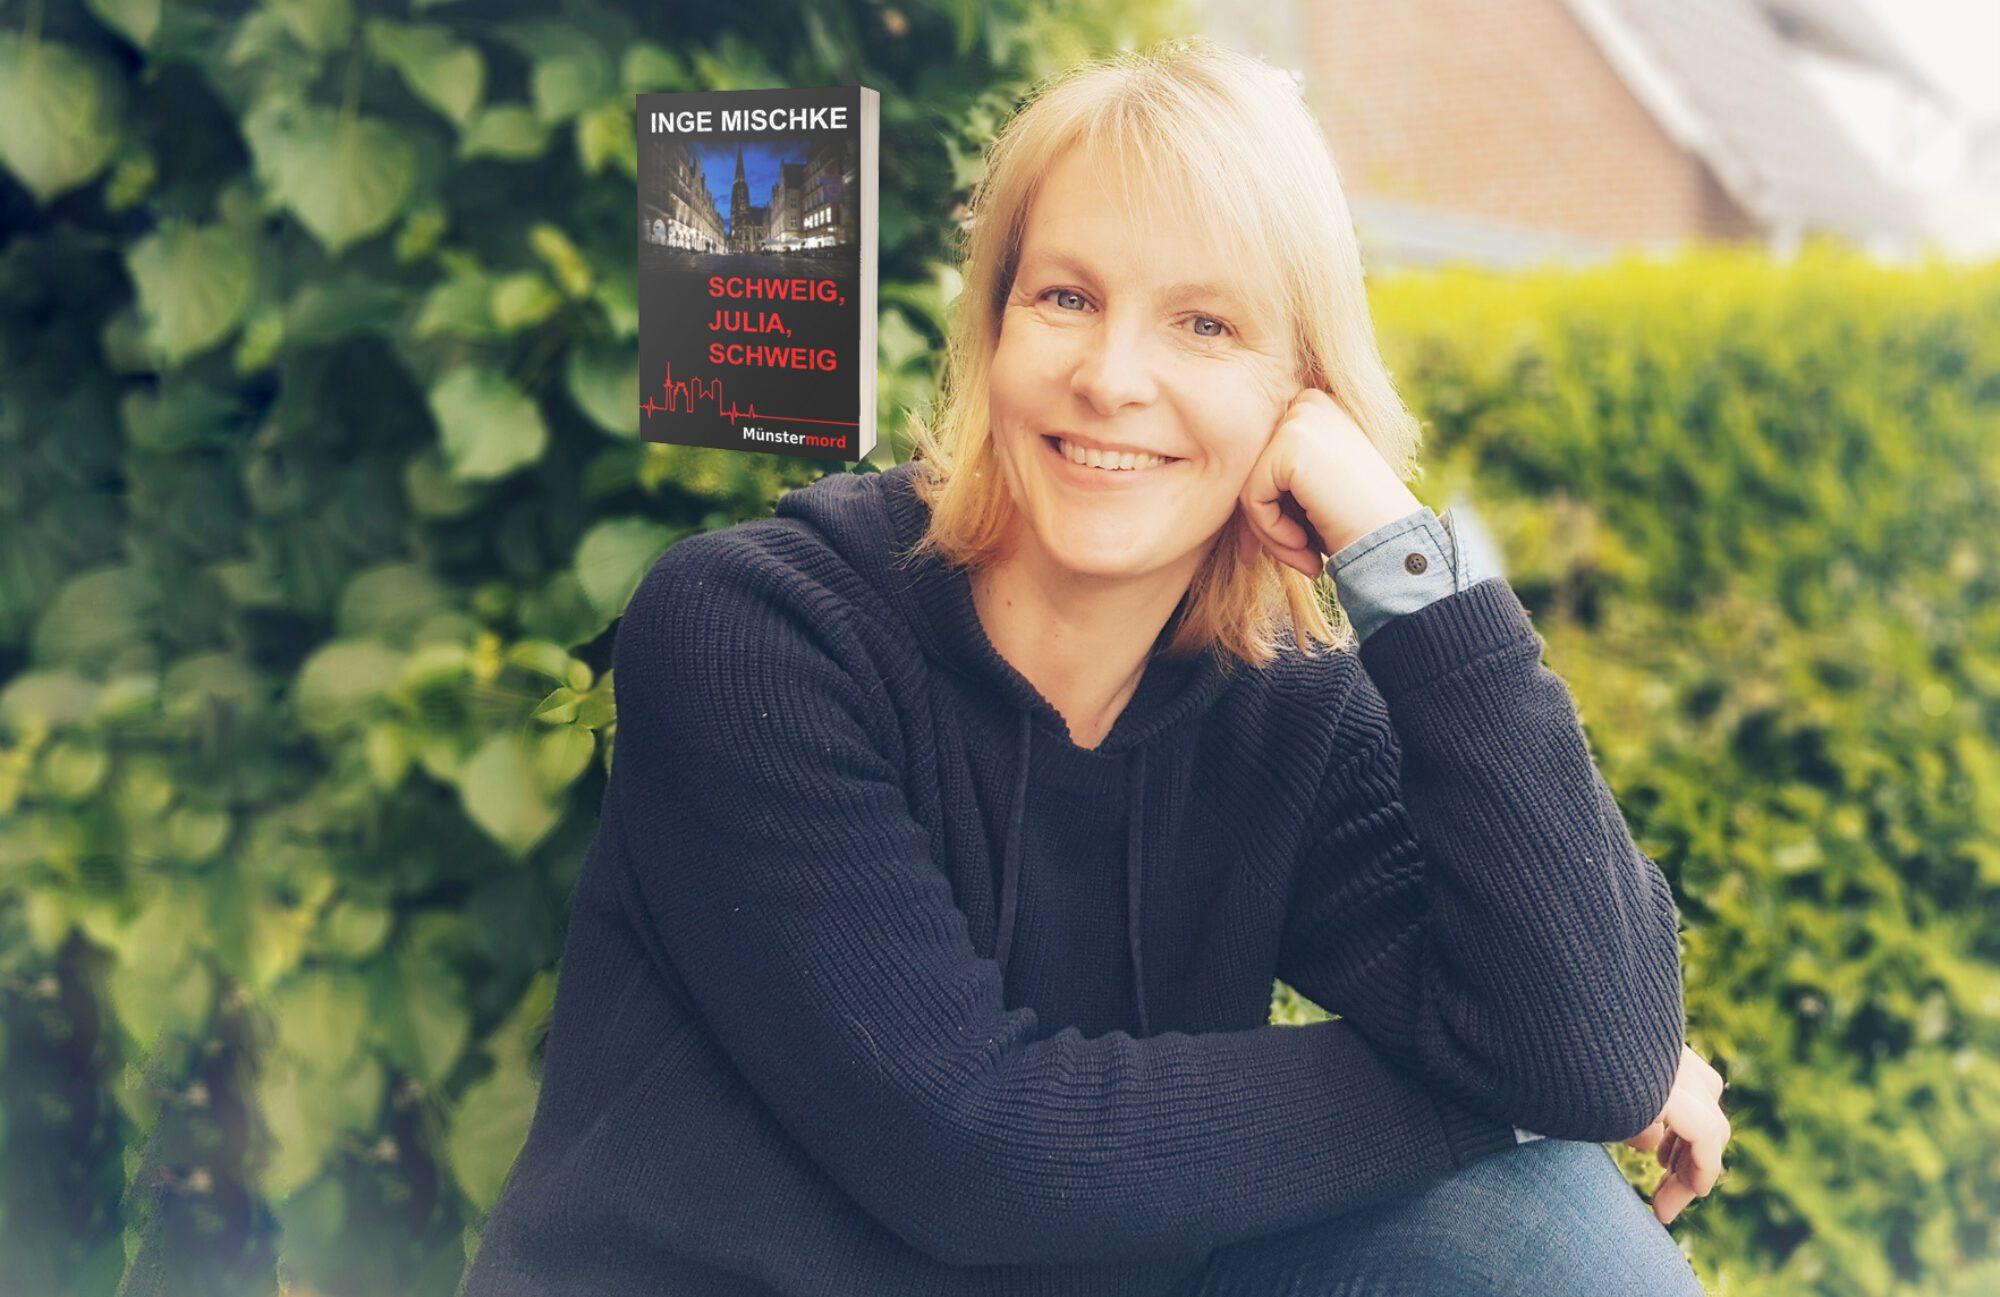 Inge Mischke - Krimiautorin